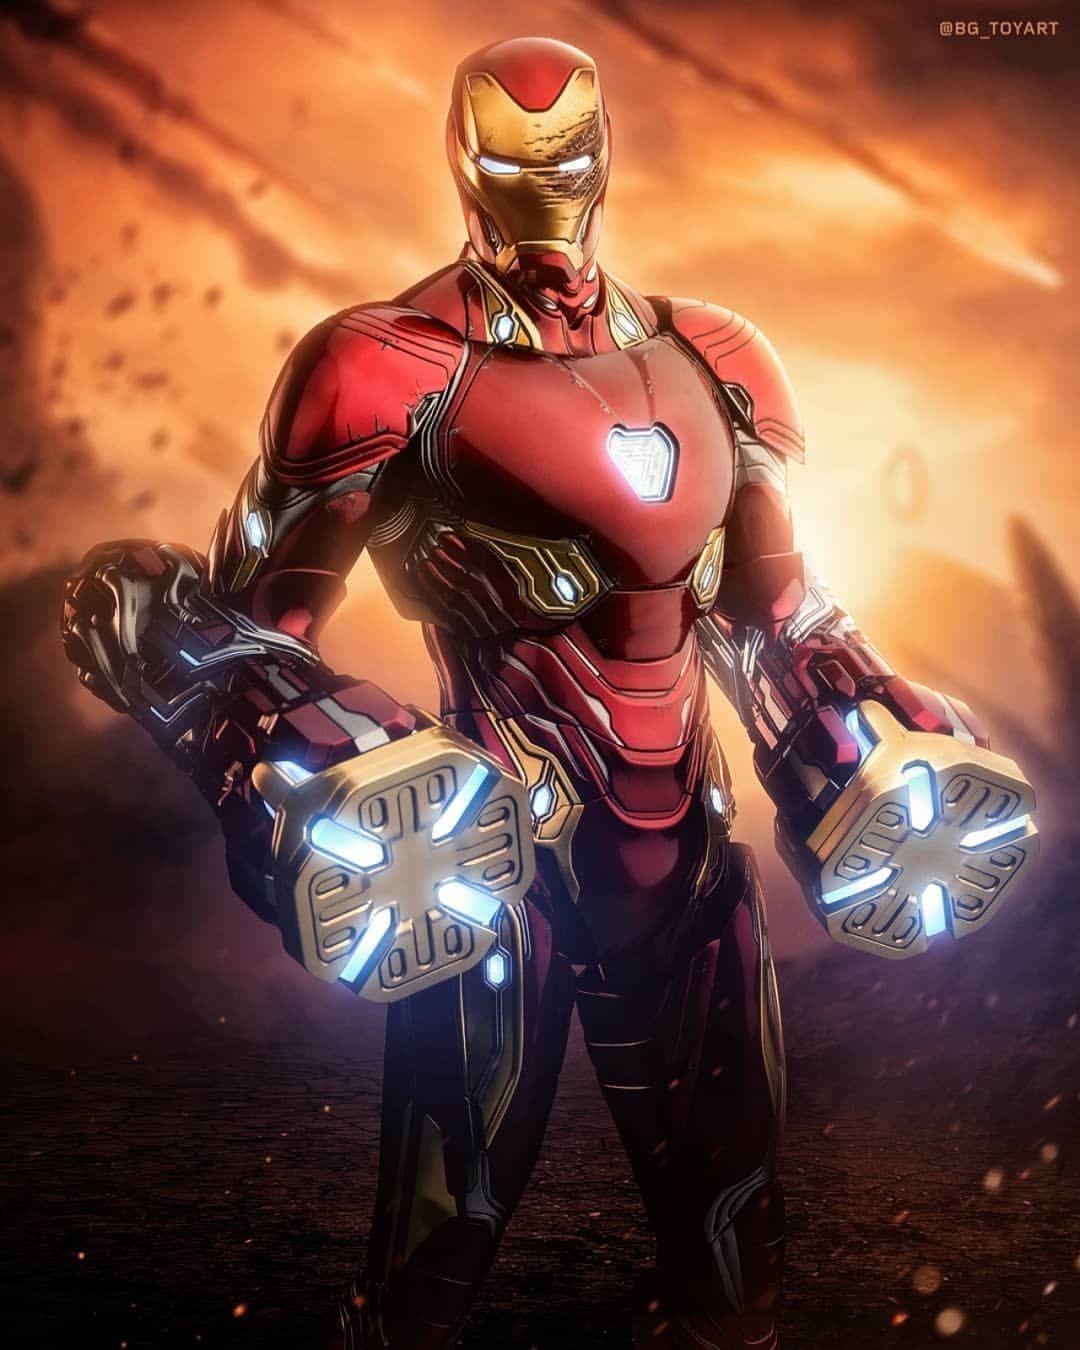 You Have My Respect Stark By Bg Toyart Tonystark Marvel Thanos Avengersendgame Avengers Infinitywar Com Iron Man Avengers Iron Man Iron Man Photos